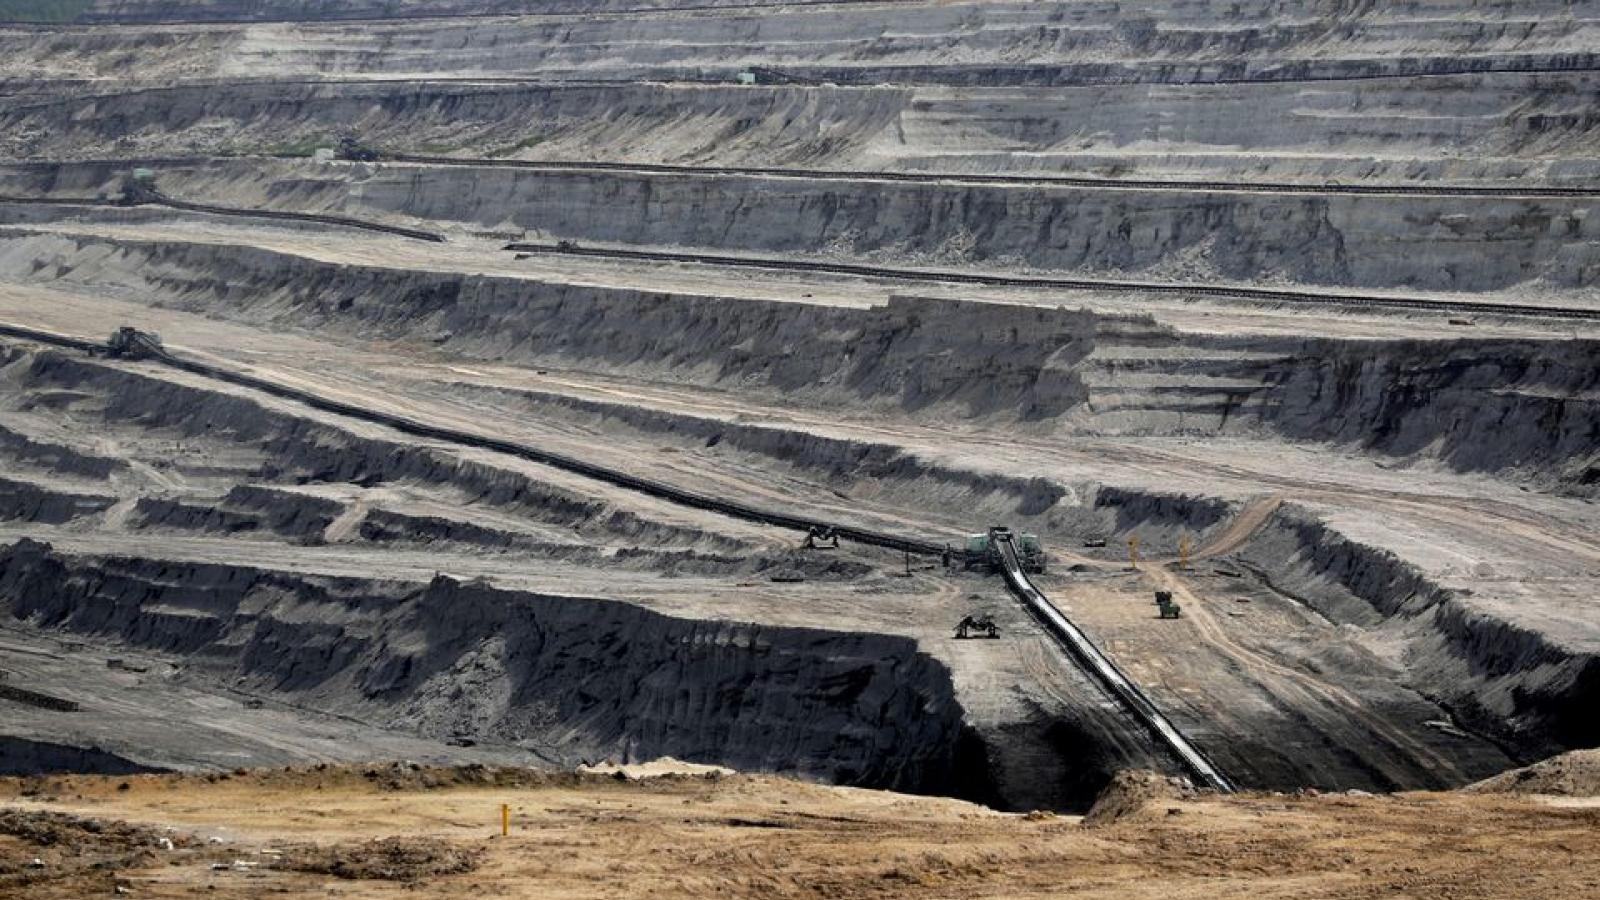 Cộng hòa Séc và Ba Lan tiến hành đàm phán về mỏ than Turow